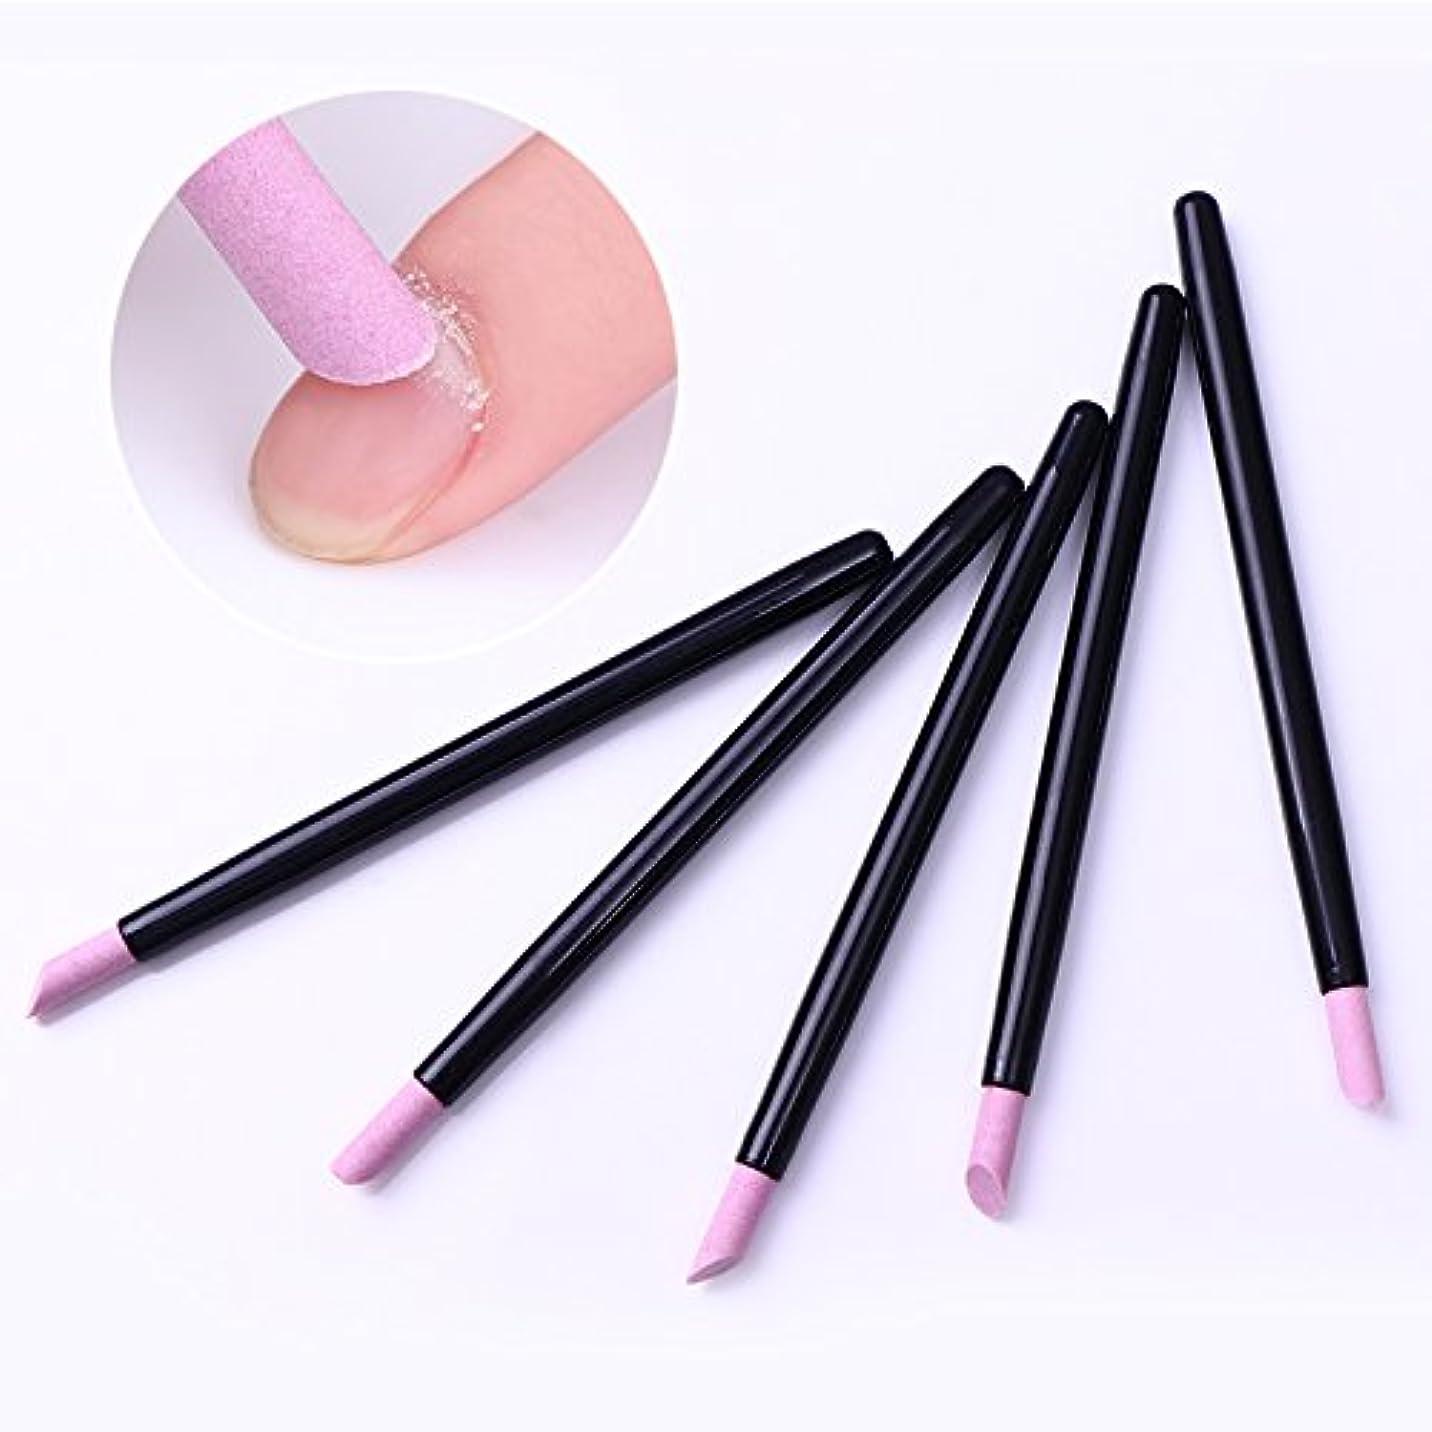 損傷移動群集5Pcs Cuticle Remover Pusher Trimmer Quartz Stone Scrub Pen Nail Tool Black Handle Manicure Nail Care Tool キューティクルリムーバープッシャートリマークォーツストーンスクラブペンネイルツールブラックハンドルマニキュアネイルケアツール